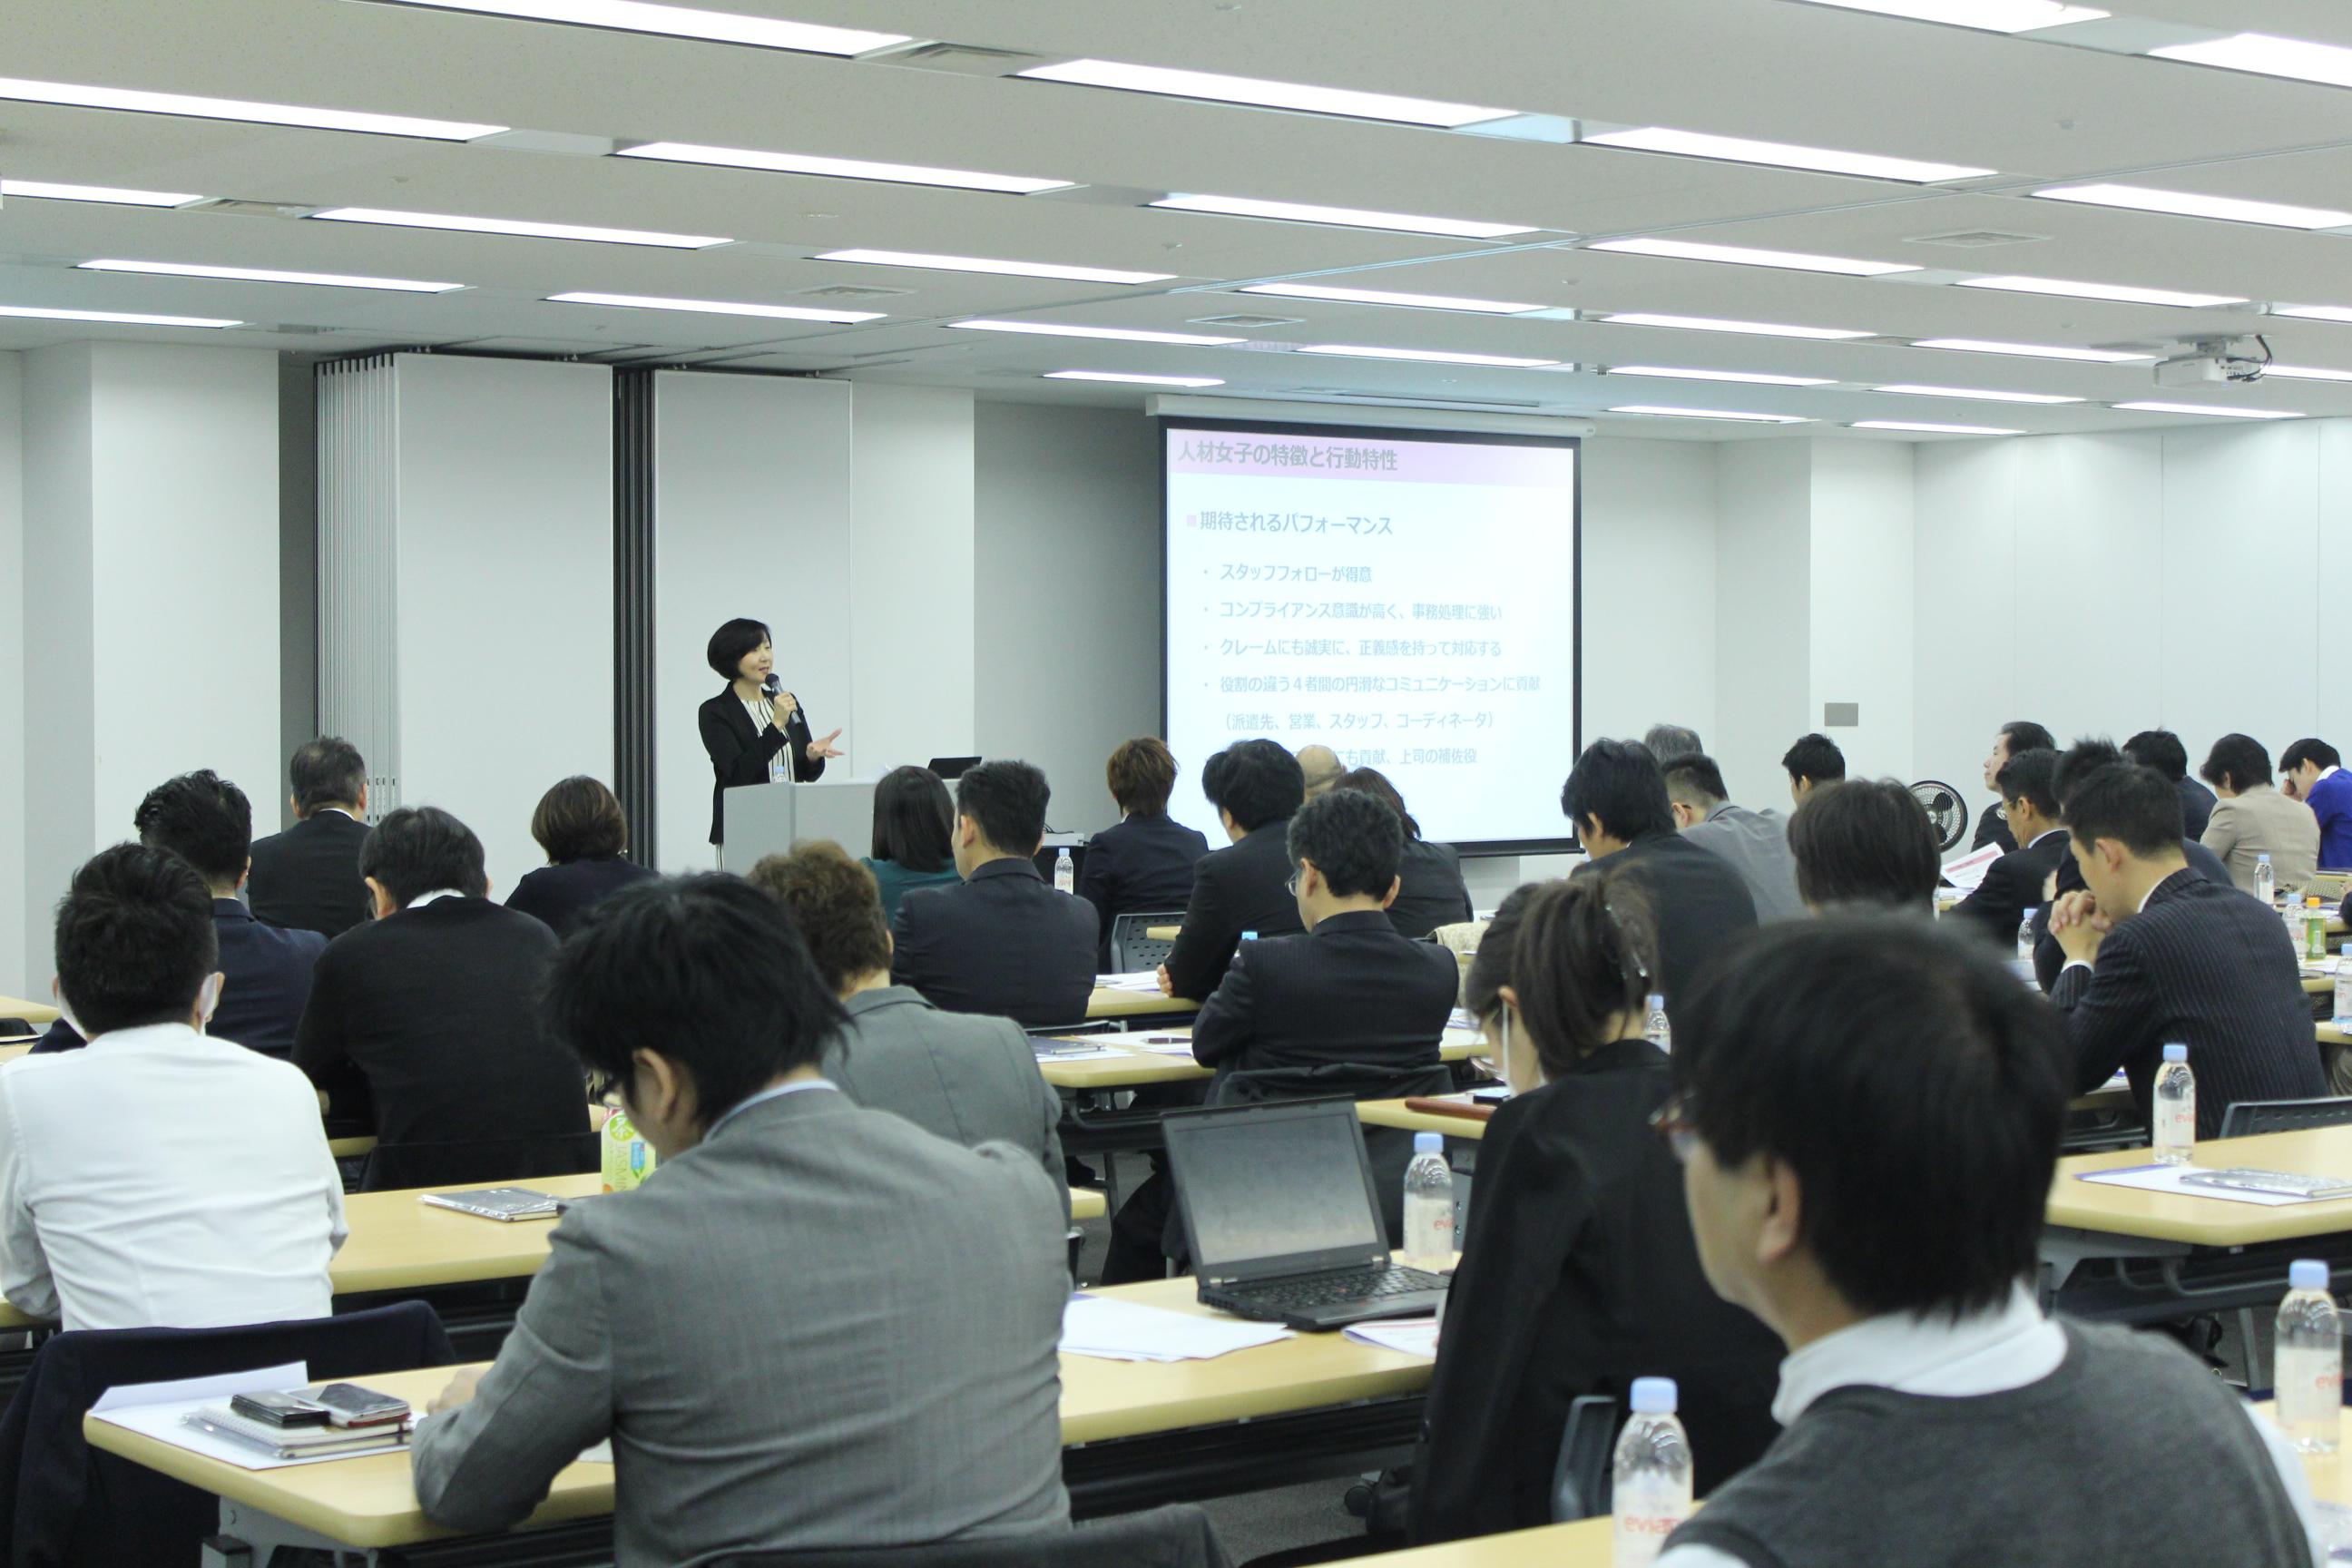 エン・ジャパン、「無期転換ルール」施行に向けて「派遣ビジネスセミナー」開催